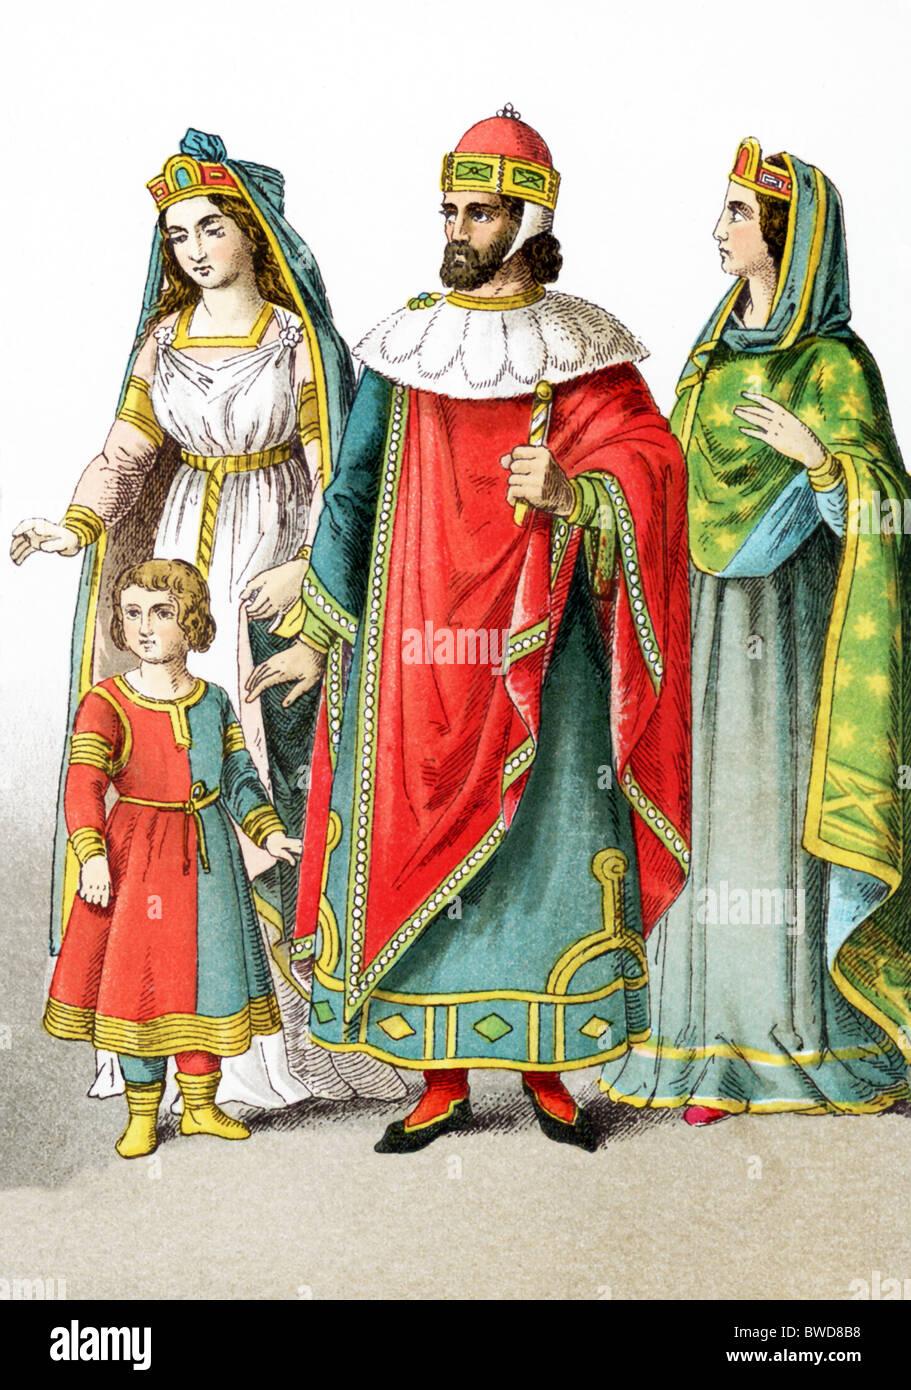 Venezianischen Adligen um 1200 n. Chr.: eine venezianische Dame von Rang mit einer venezianischen Dame von Rang, Stockbild